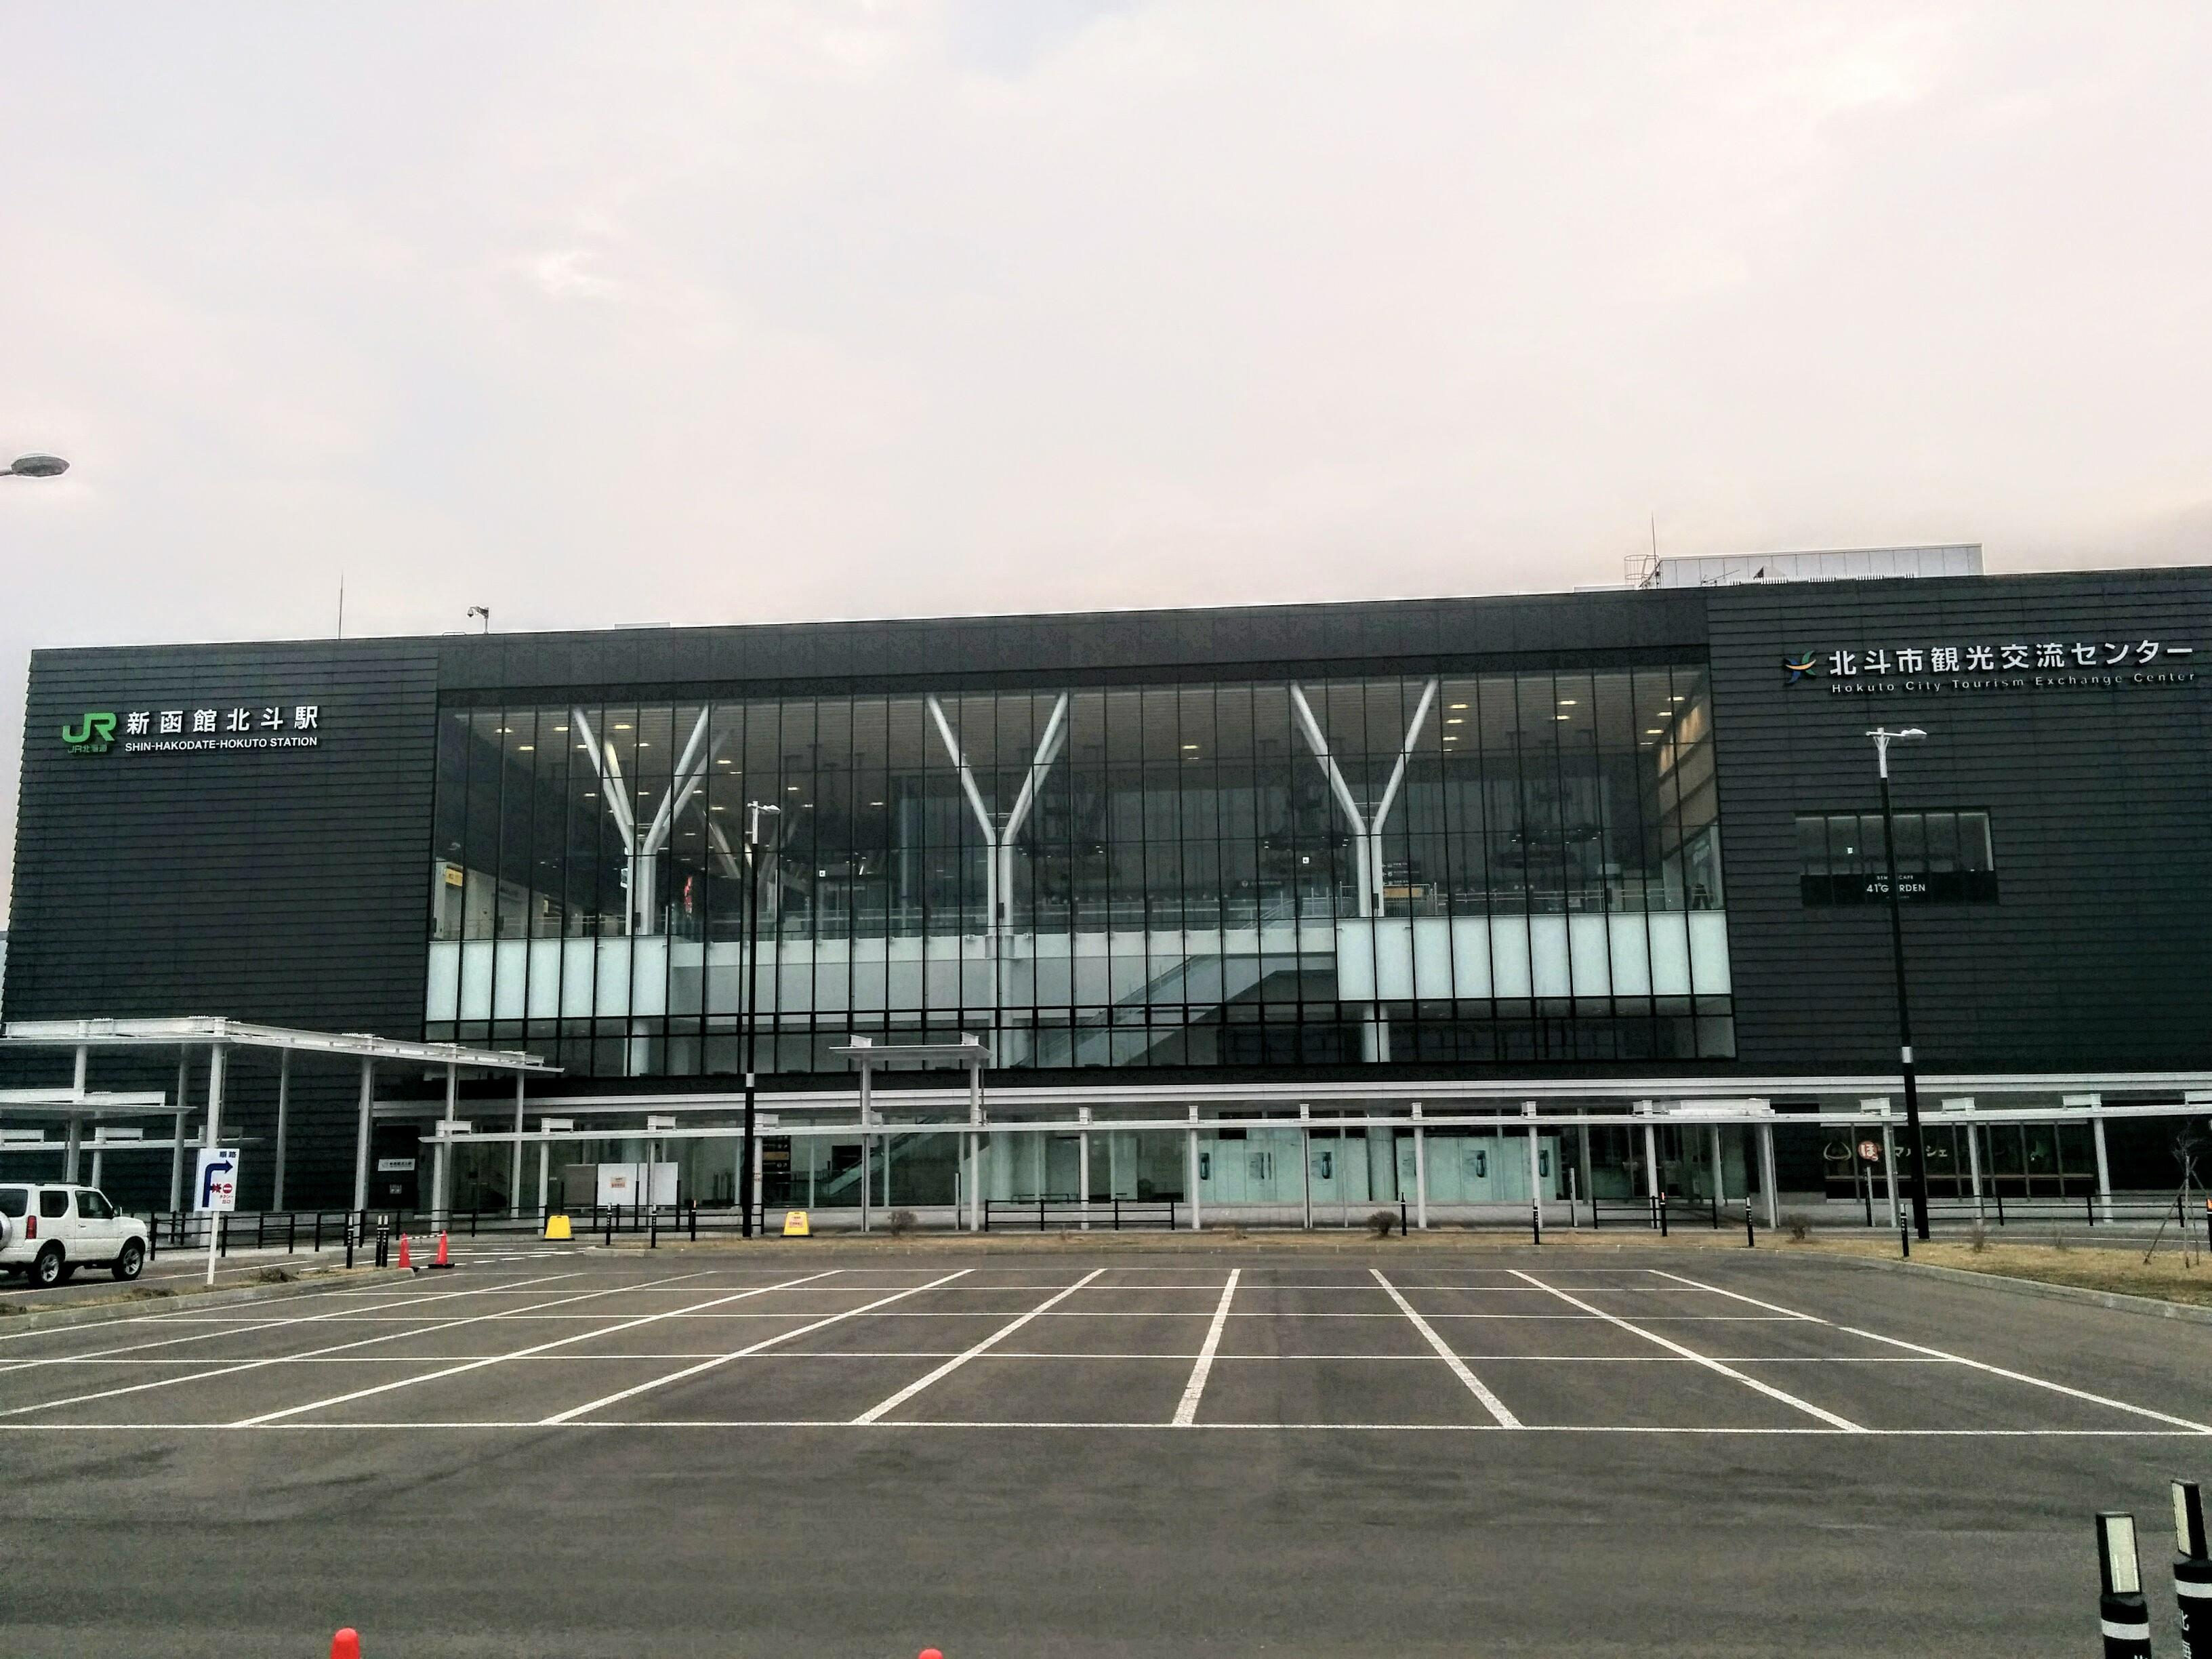 【新函館北斗】新函館北斗駅観光タクシー